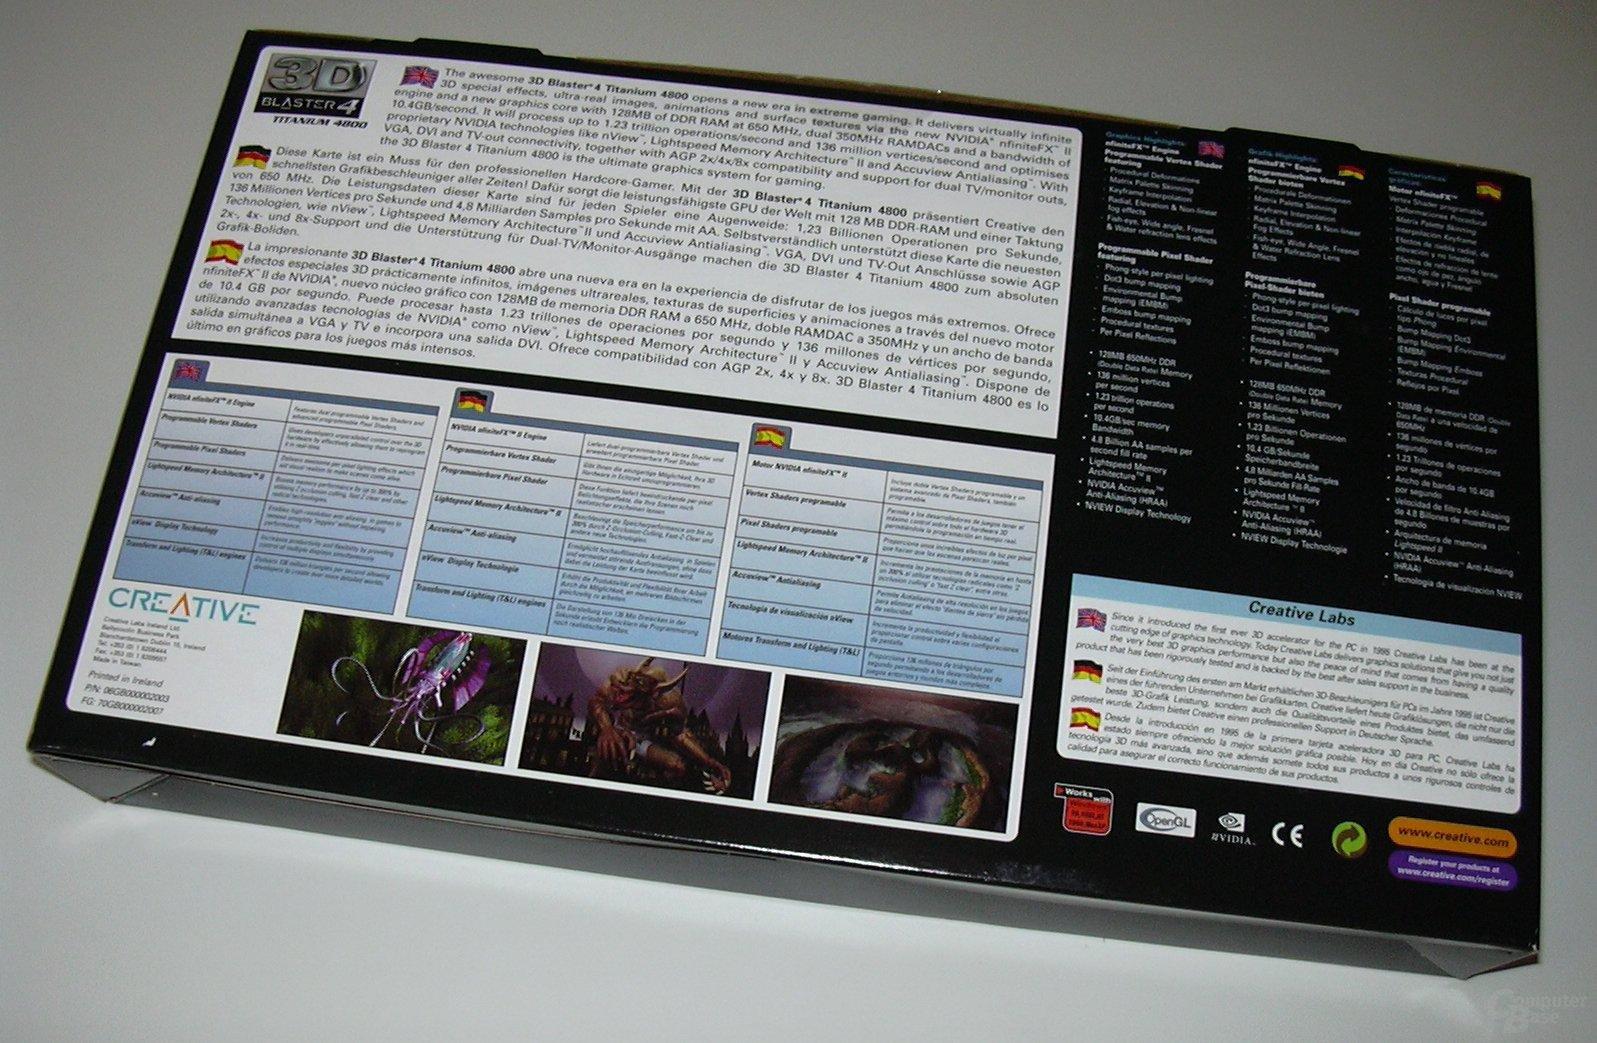 Ti4800 Packung Rück